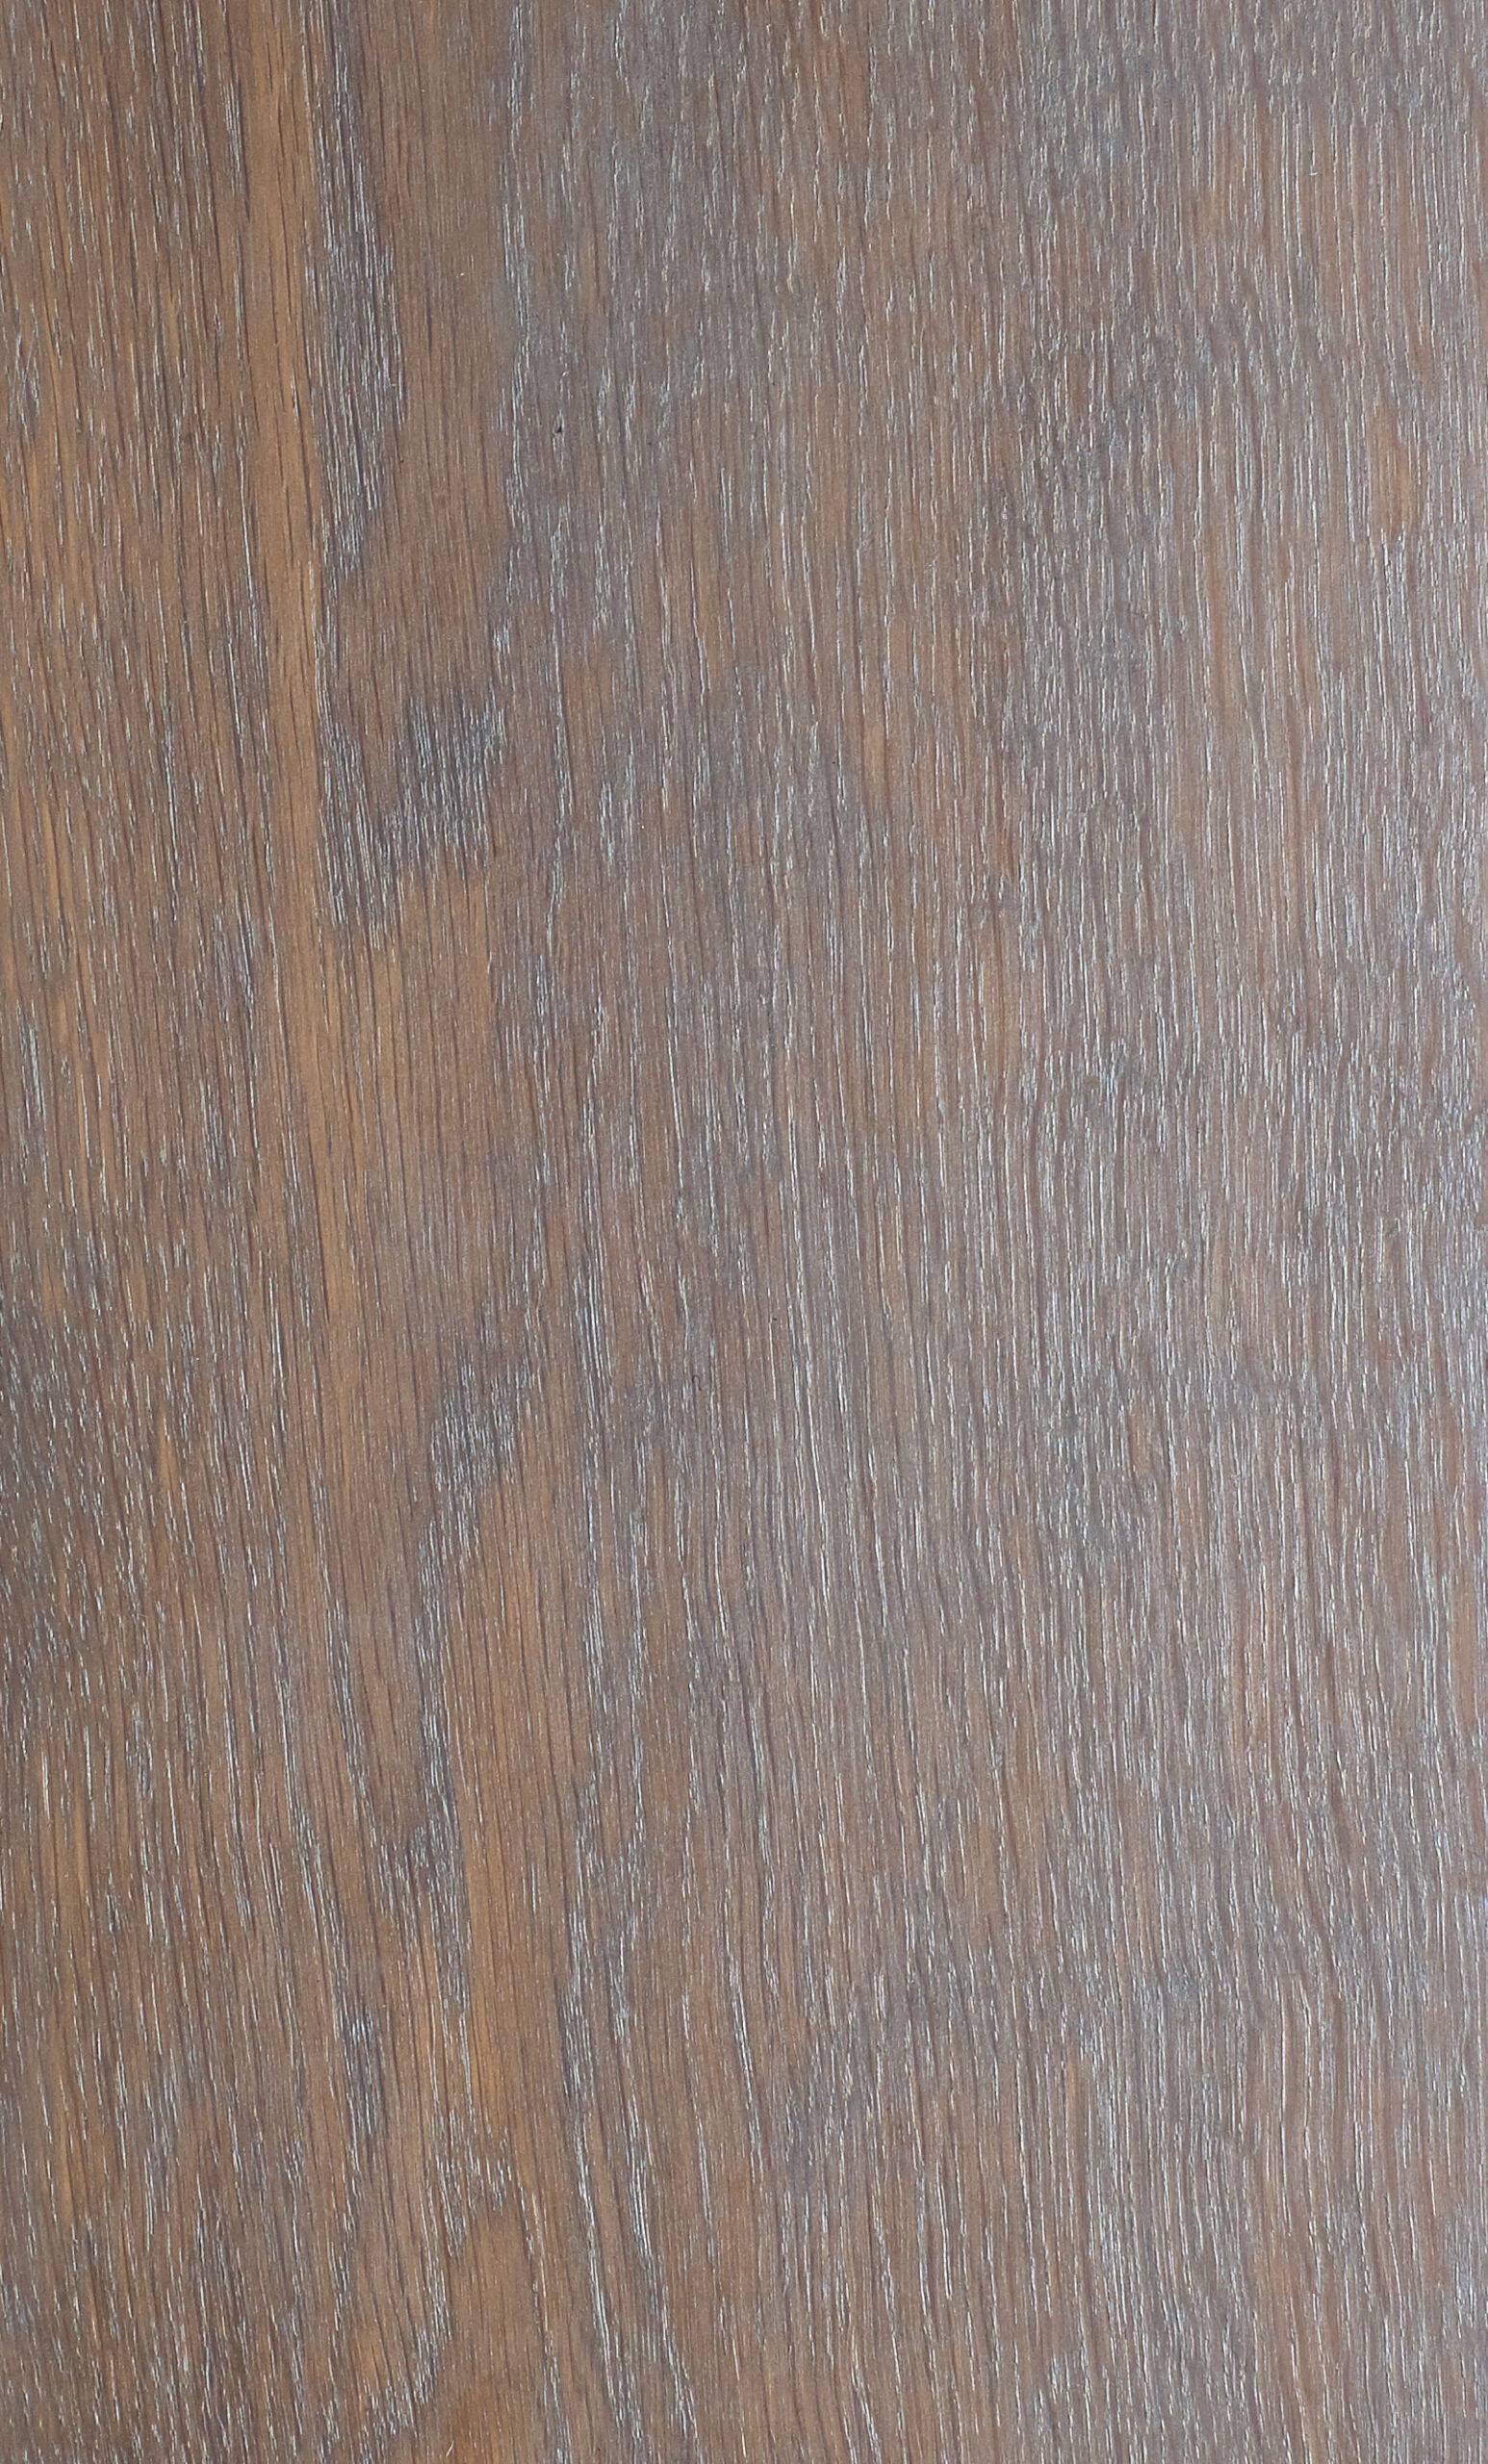 Walnut Classic floorboard